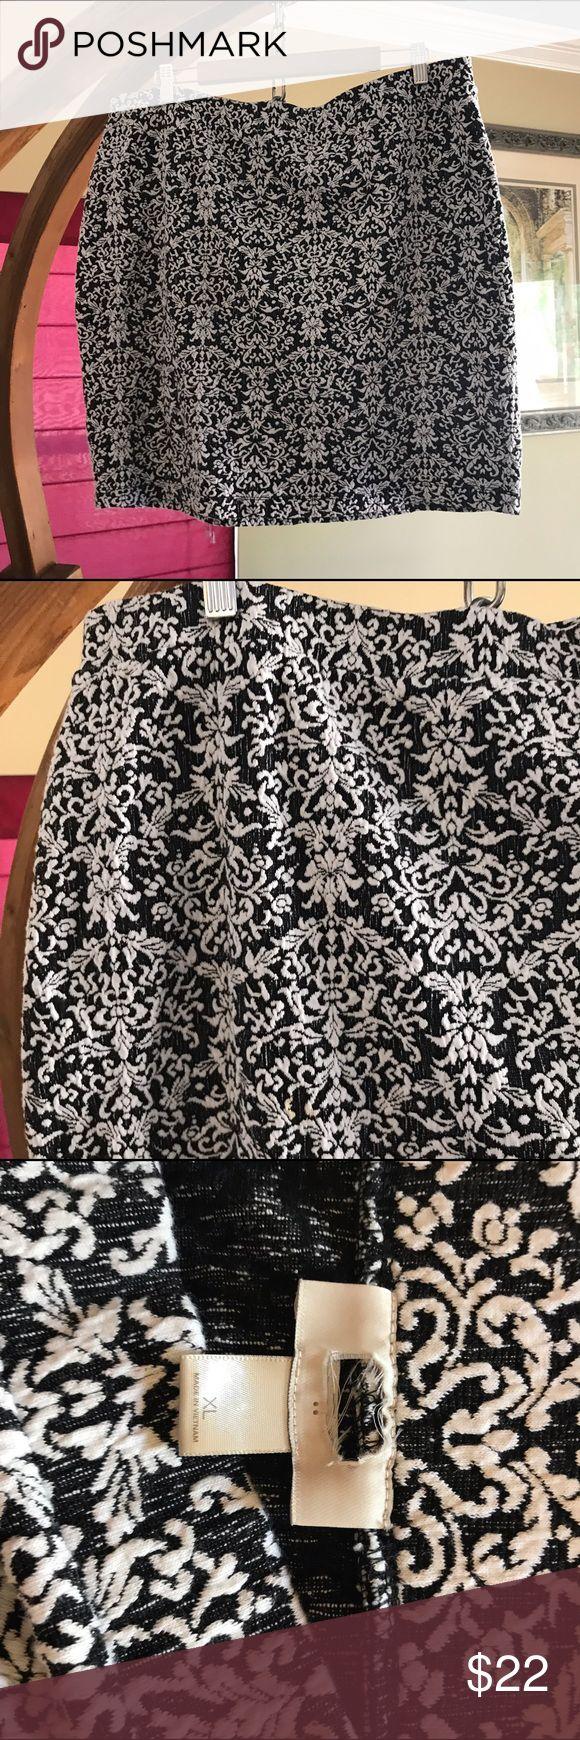 Ann Taylor LOFT black white fleur de lis skirt Size XL. Elastic waist. Textured print. Cotton, polyester, spandex. EUC (label has been cut out to prevent returns) LOFT Skirts Pencil